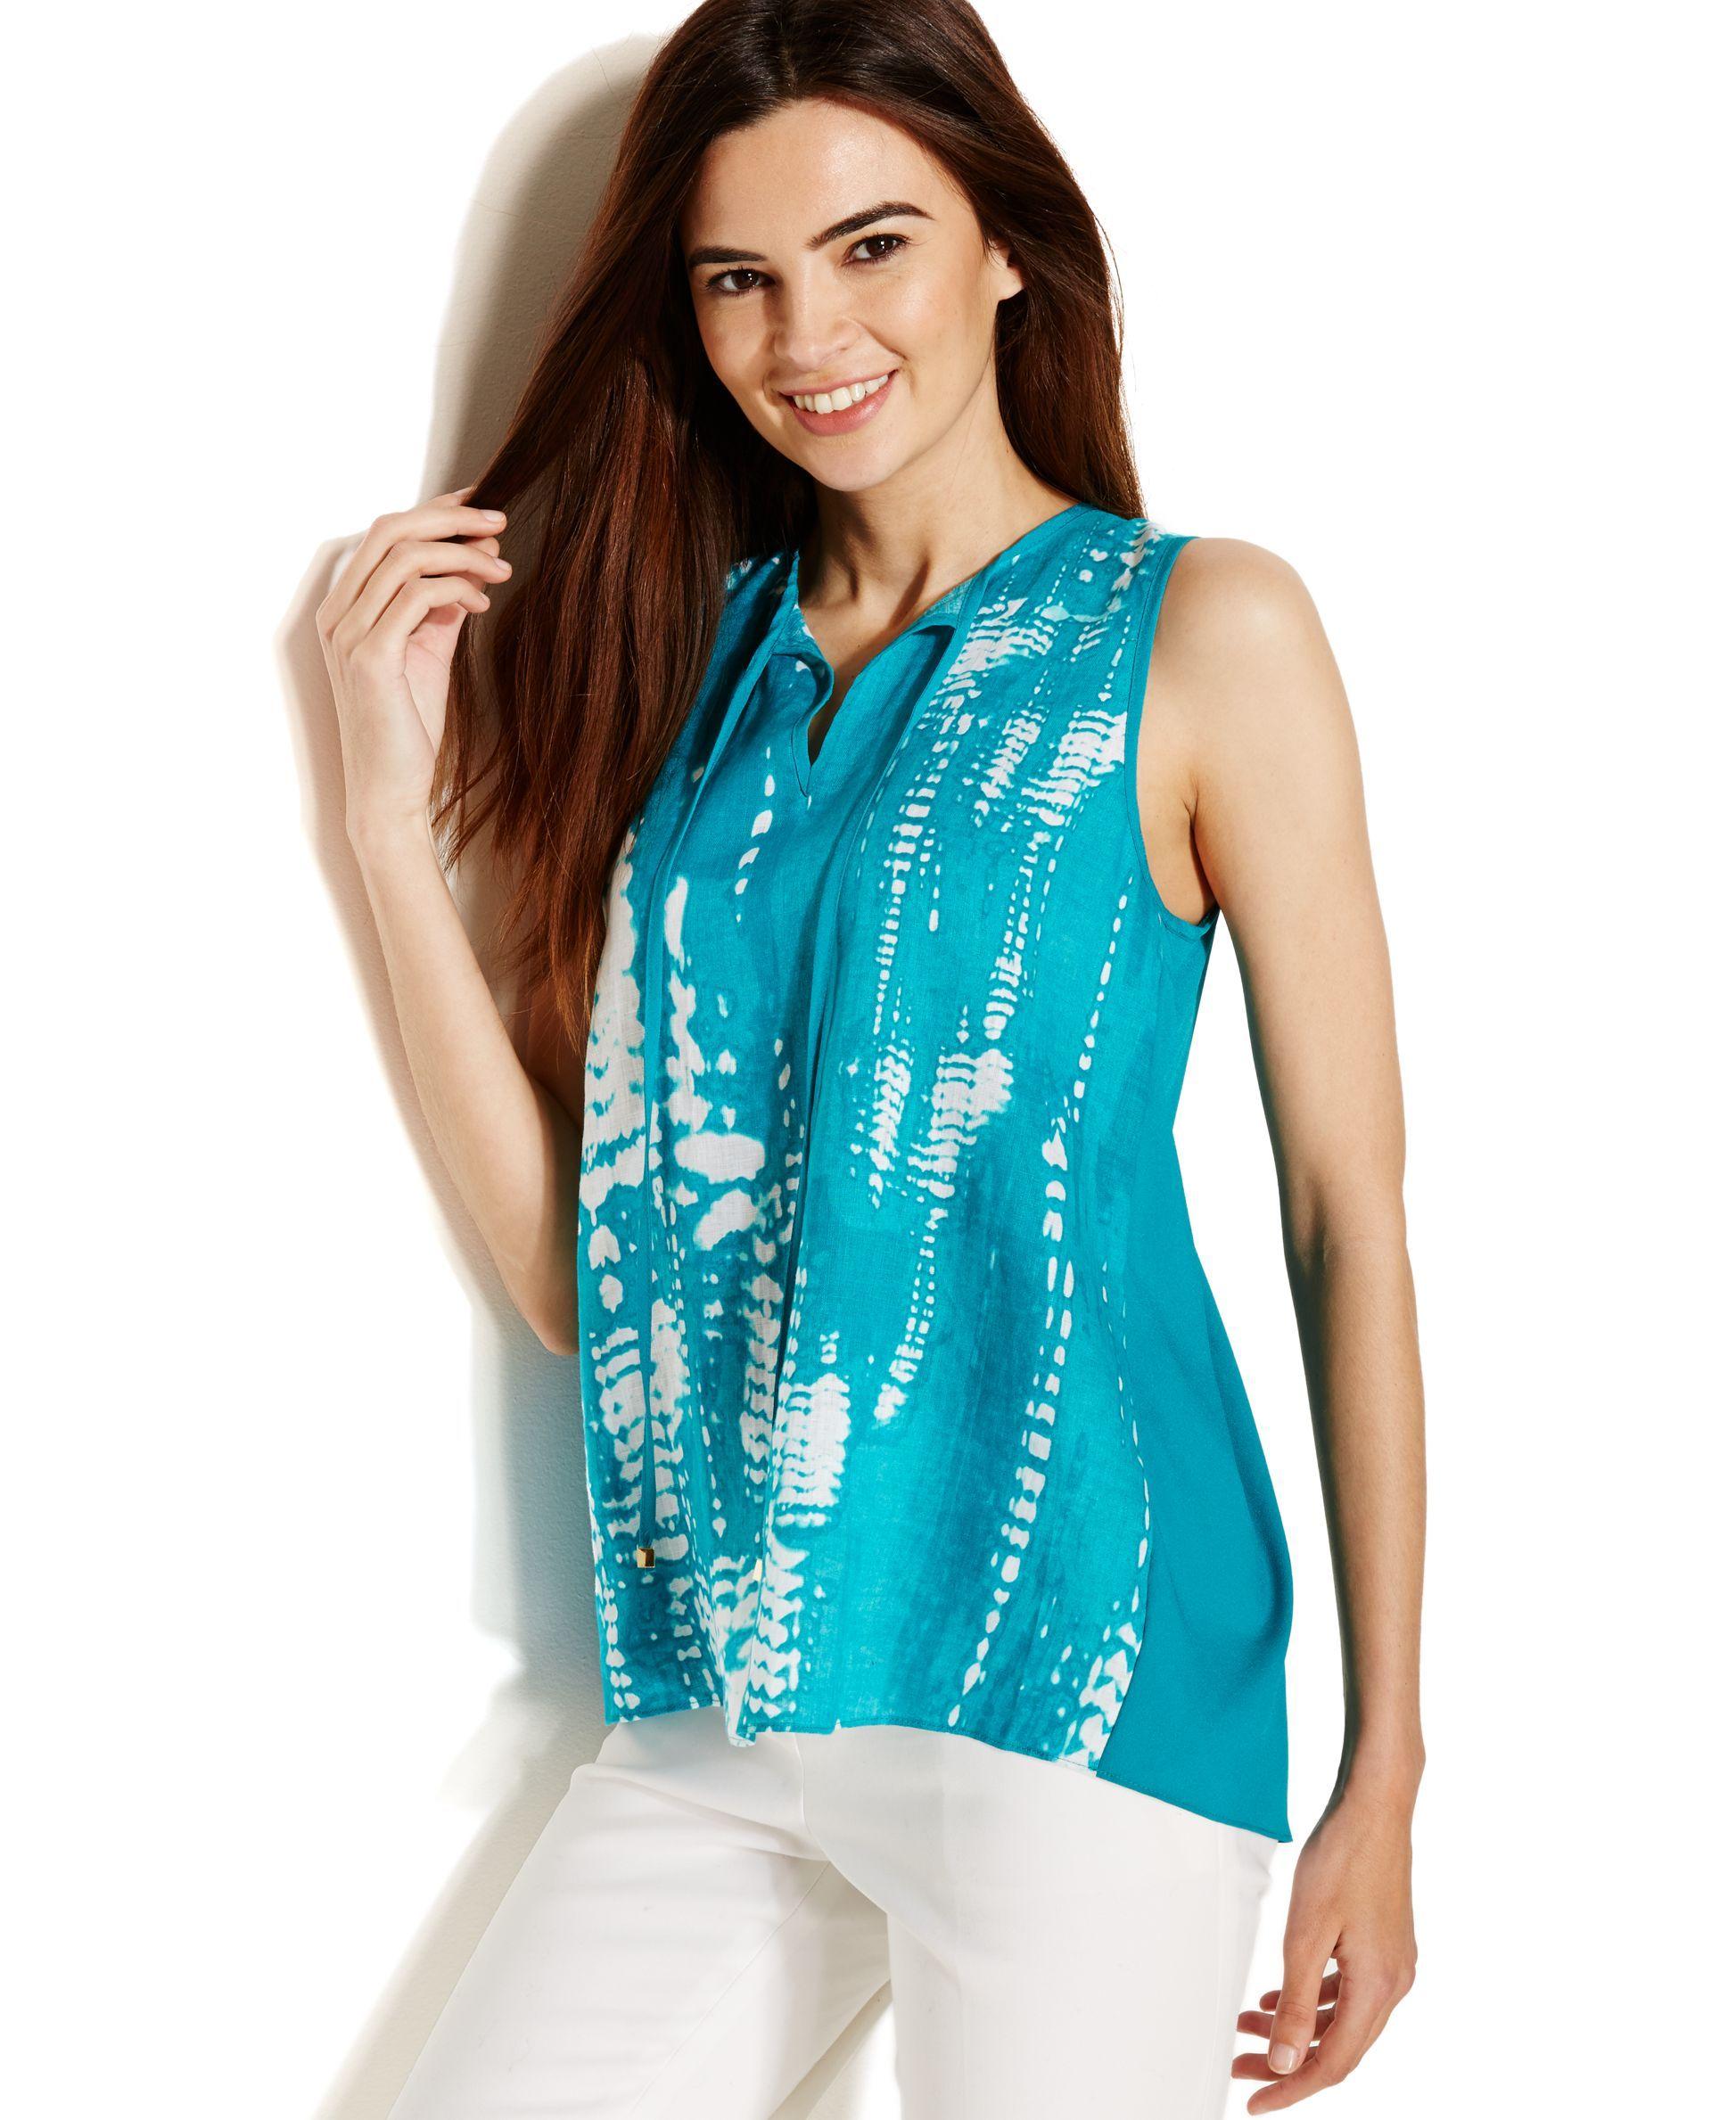 0408526b6a7c08 Calvin Klein Sleeveless Tie-Dye Print Colorblock Blouse